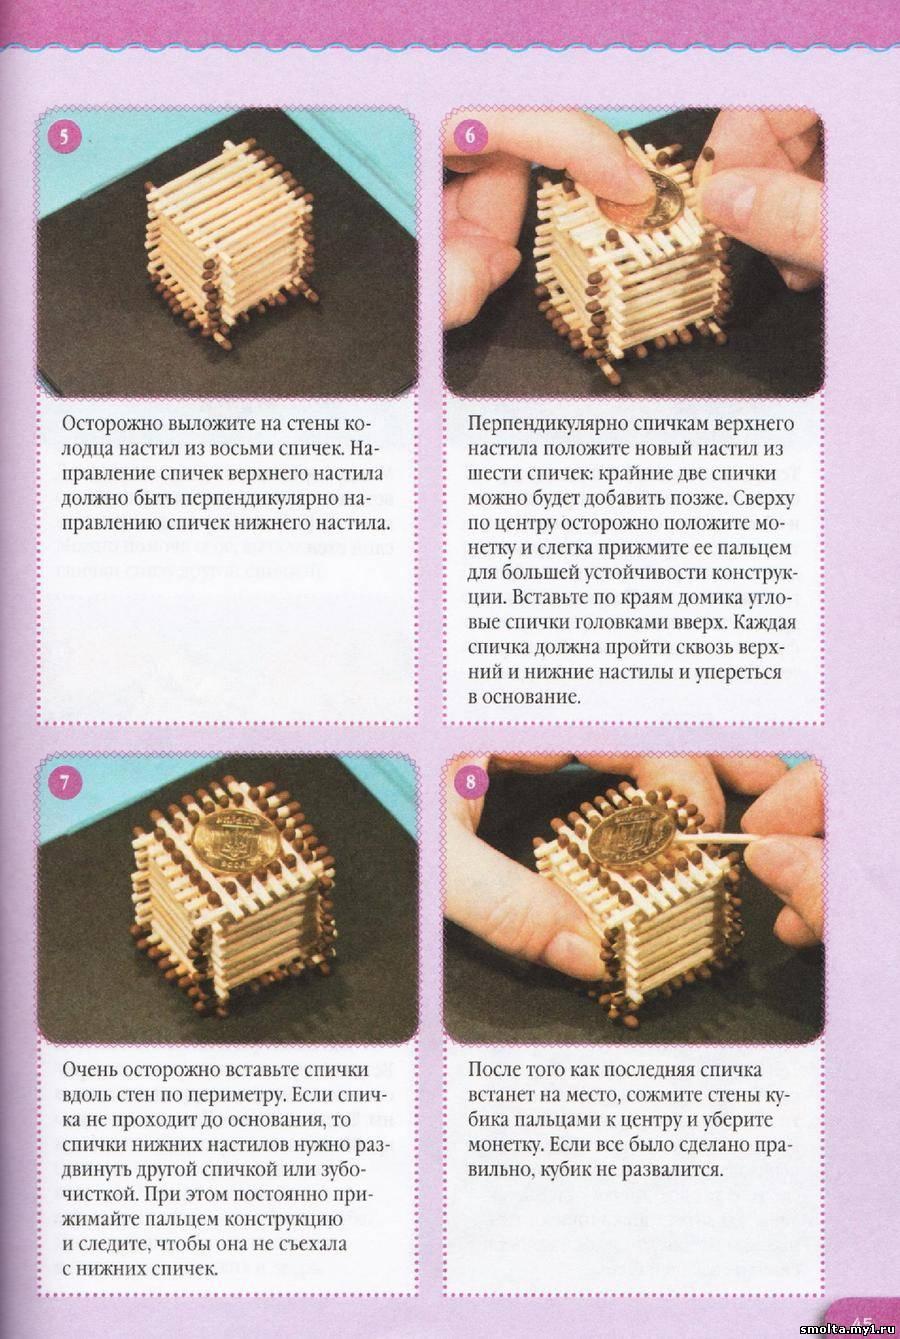 Как сделать домик из бумаги пошаговая инструкция